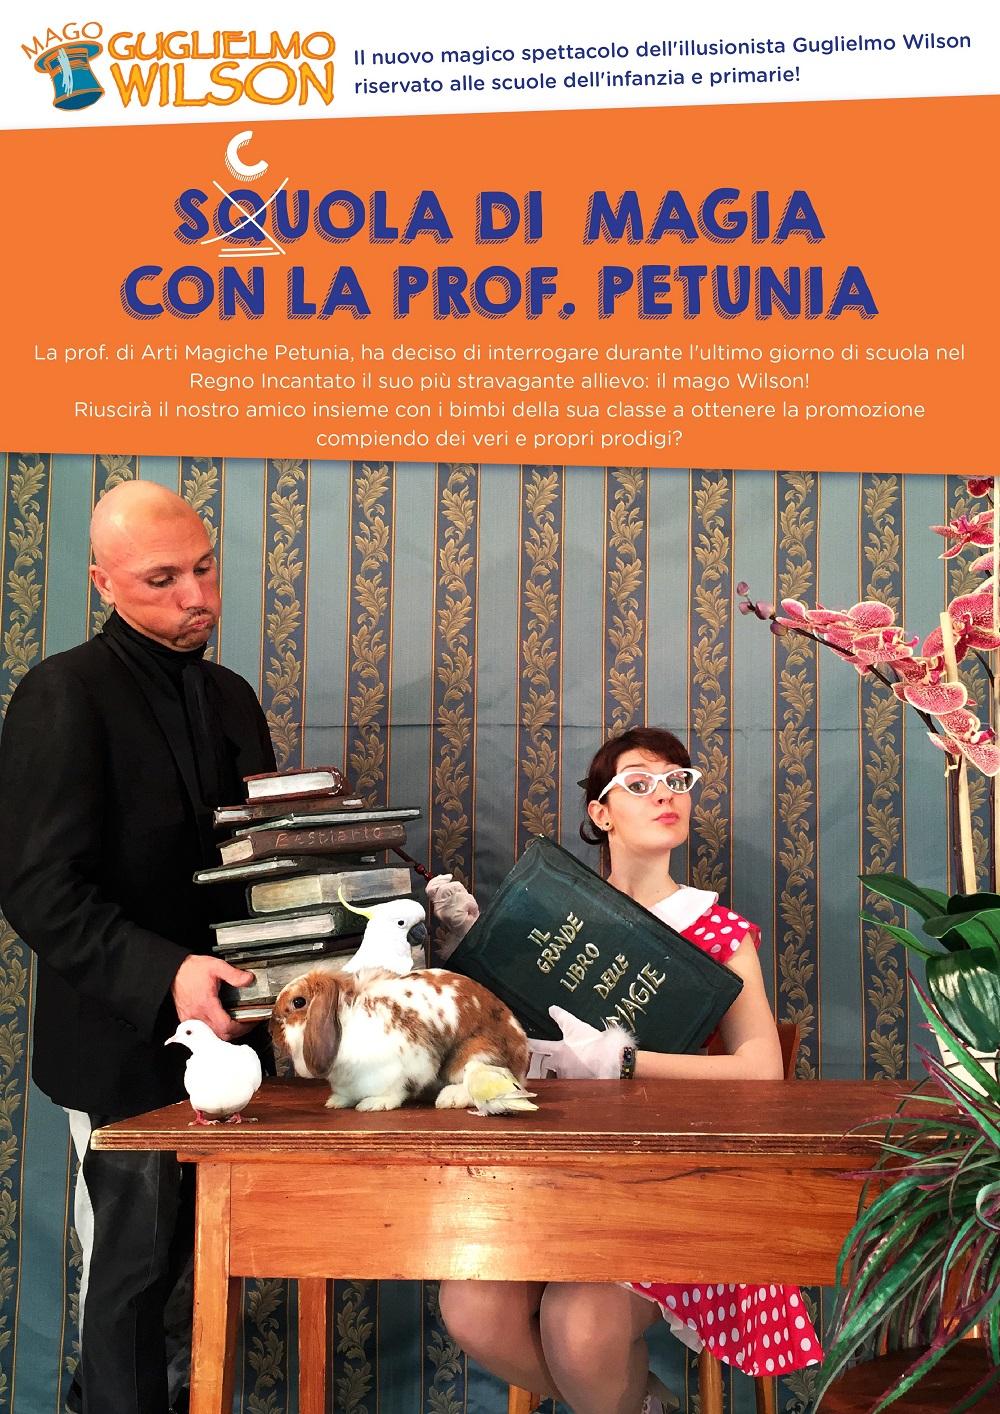 Scuola di Magia con la prof. Petunia